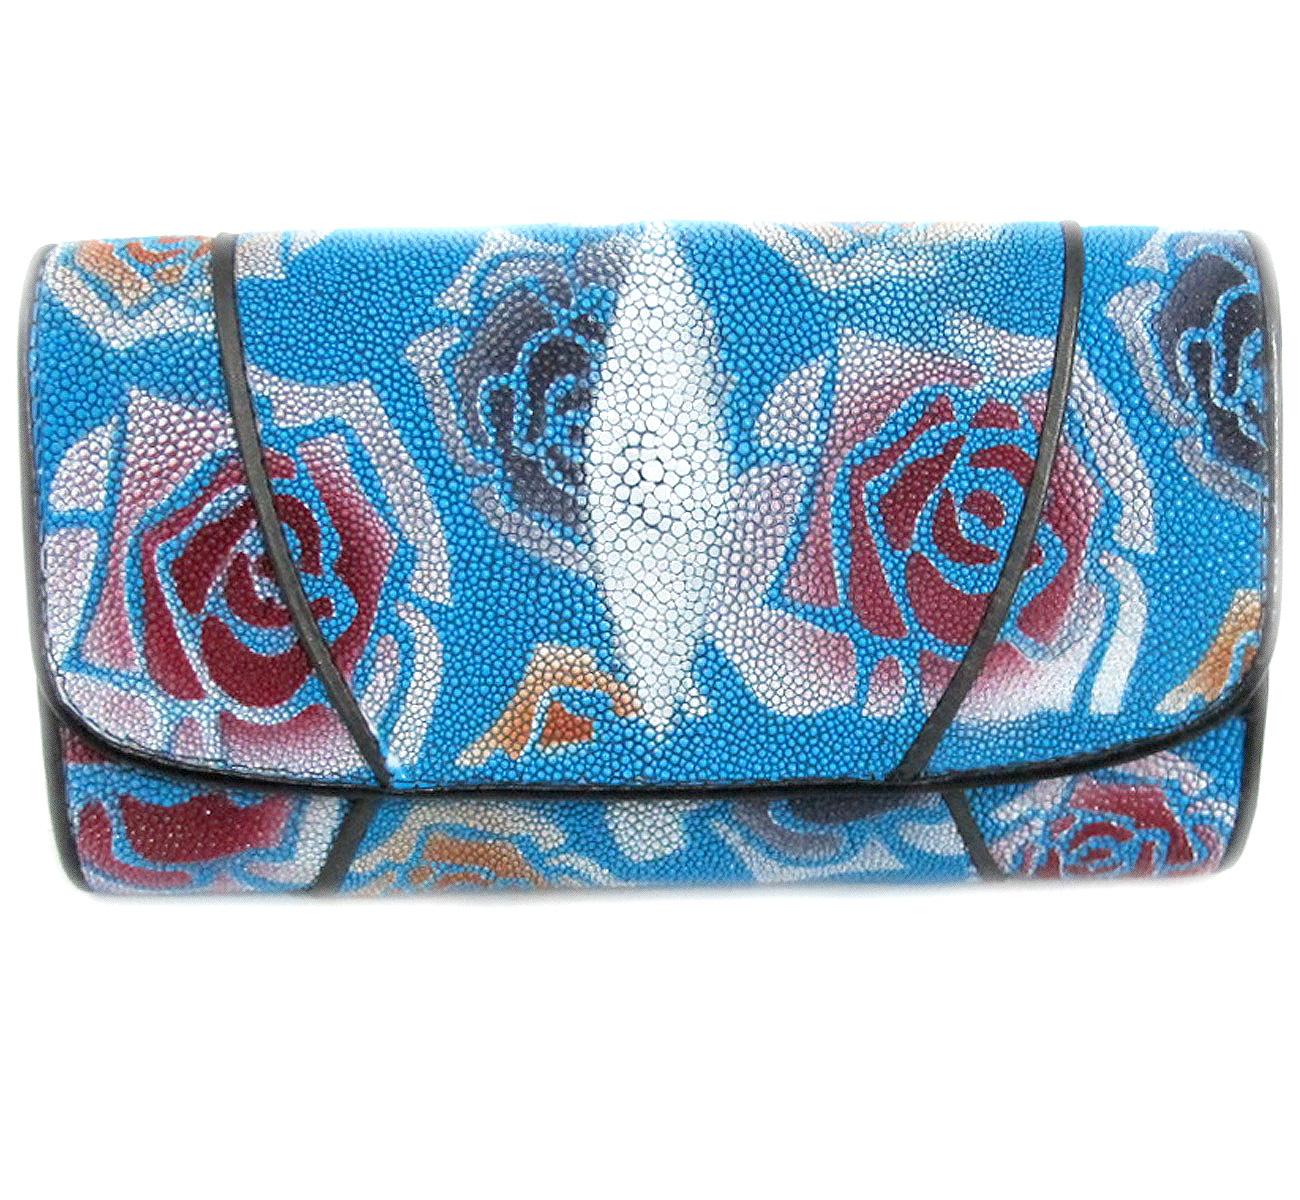 กระเป๋าสตางค์ปลากระเบน แบบ 3 พับ เม็ดใหญ่ ลวดลาย ดอกกุหลาบ หลากหลายสีสัน คุ้มค่า เพราะมีช่องใส่บัตรต่าง ๆหลายช่อง Line id : 0853457150